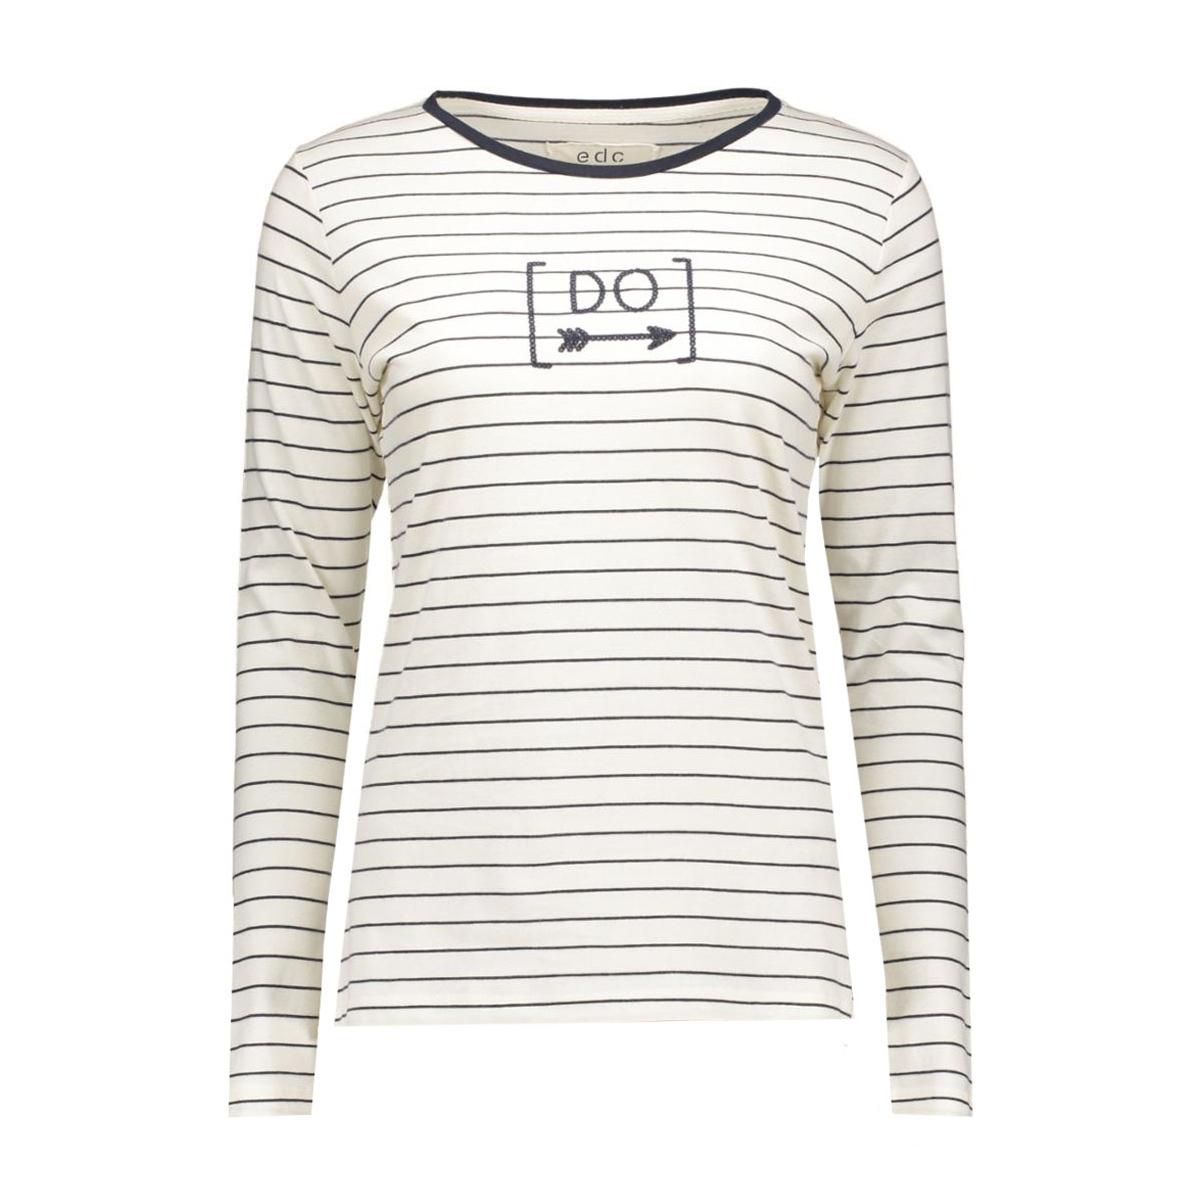 096cc1k059 edc t-shirt c055